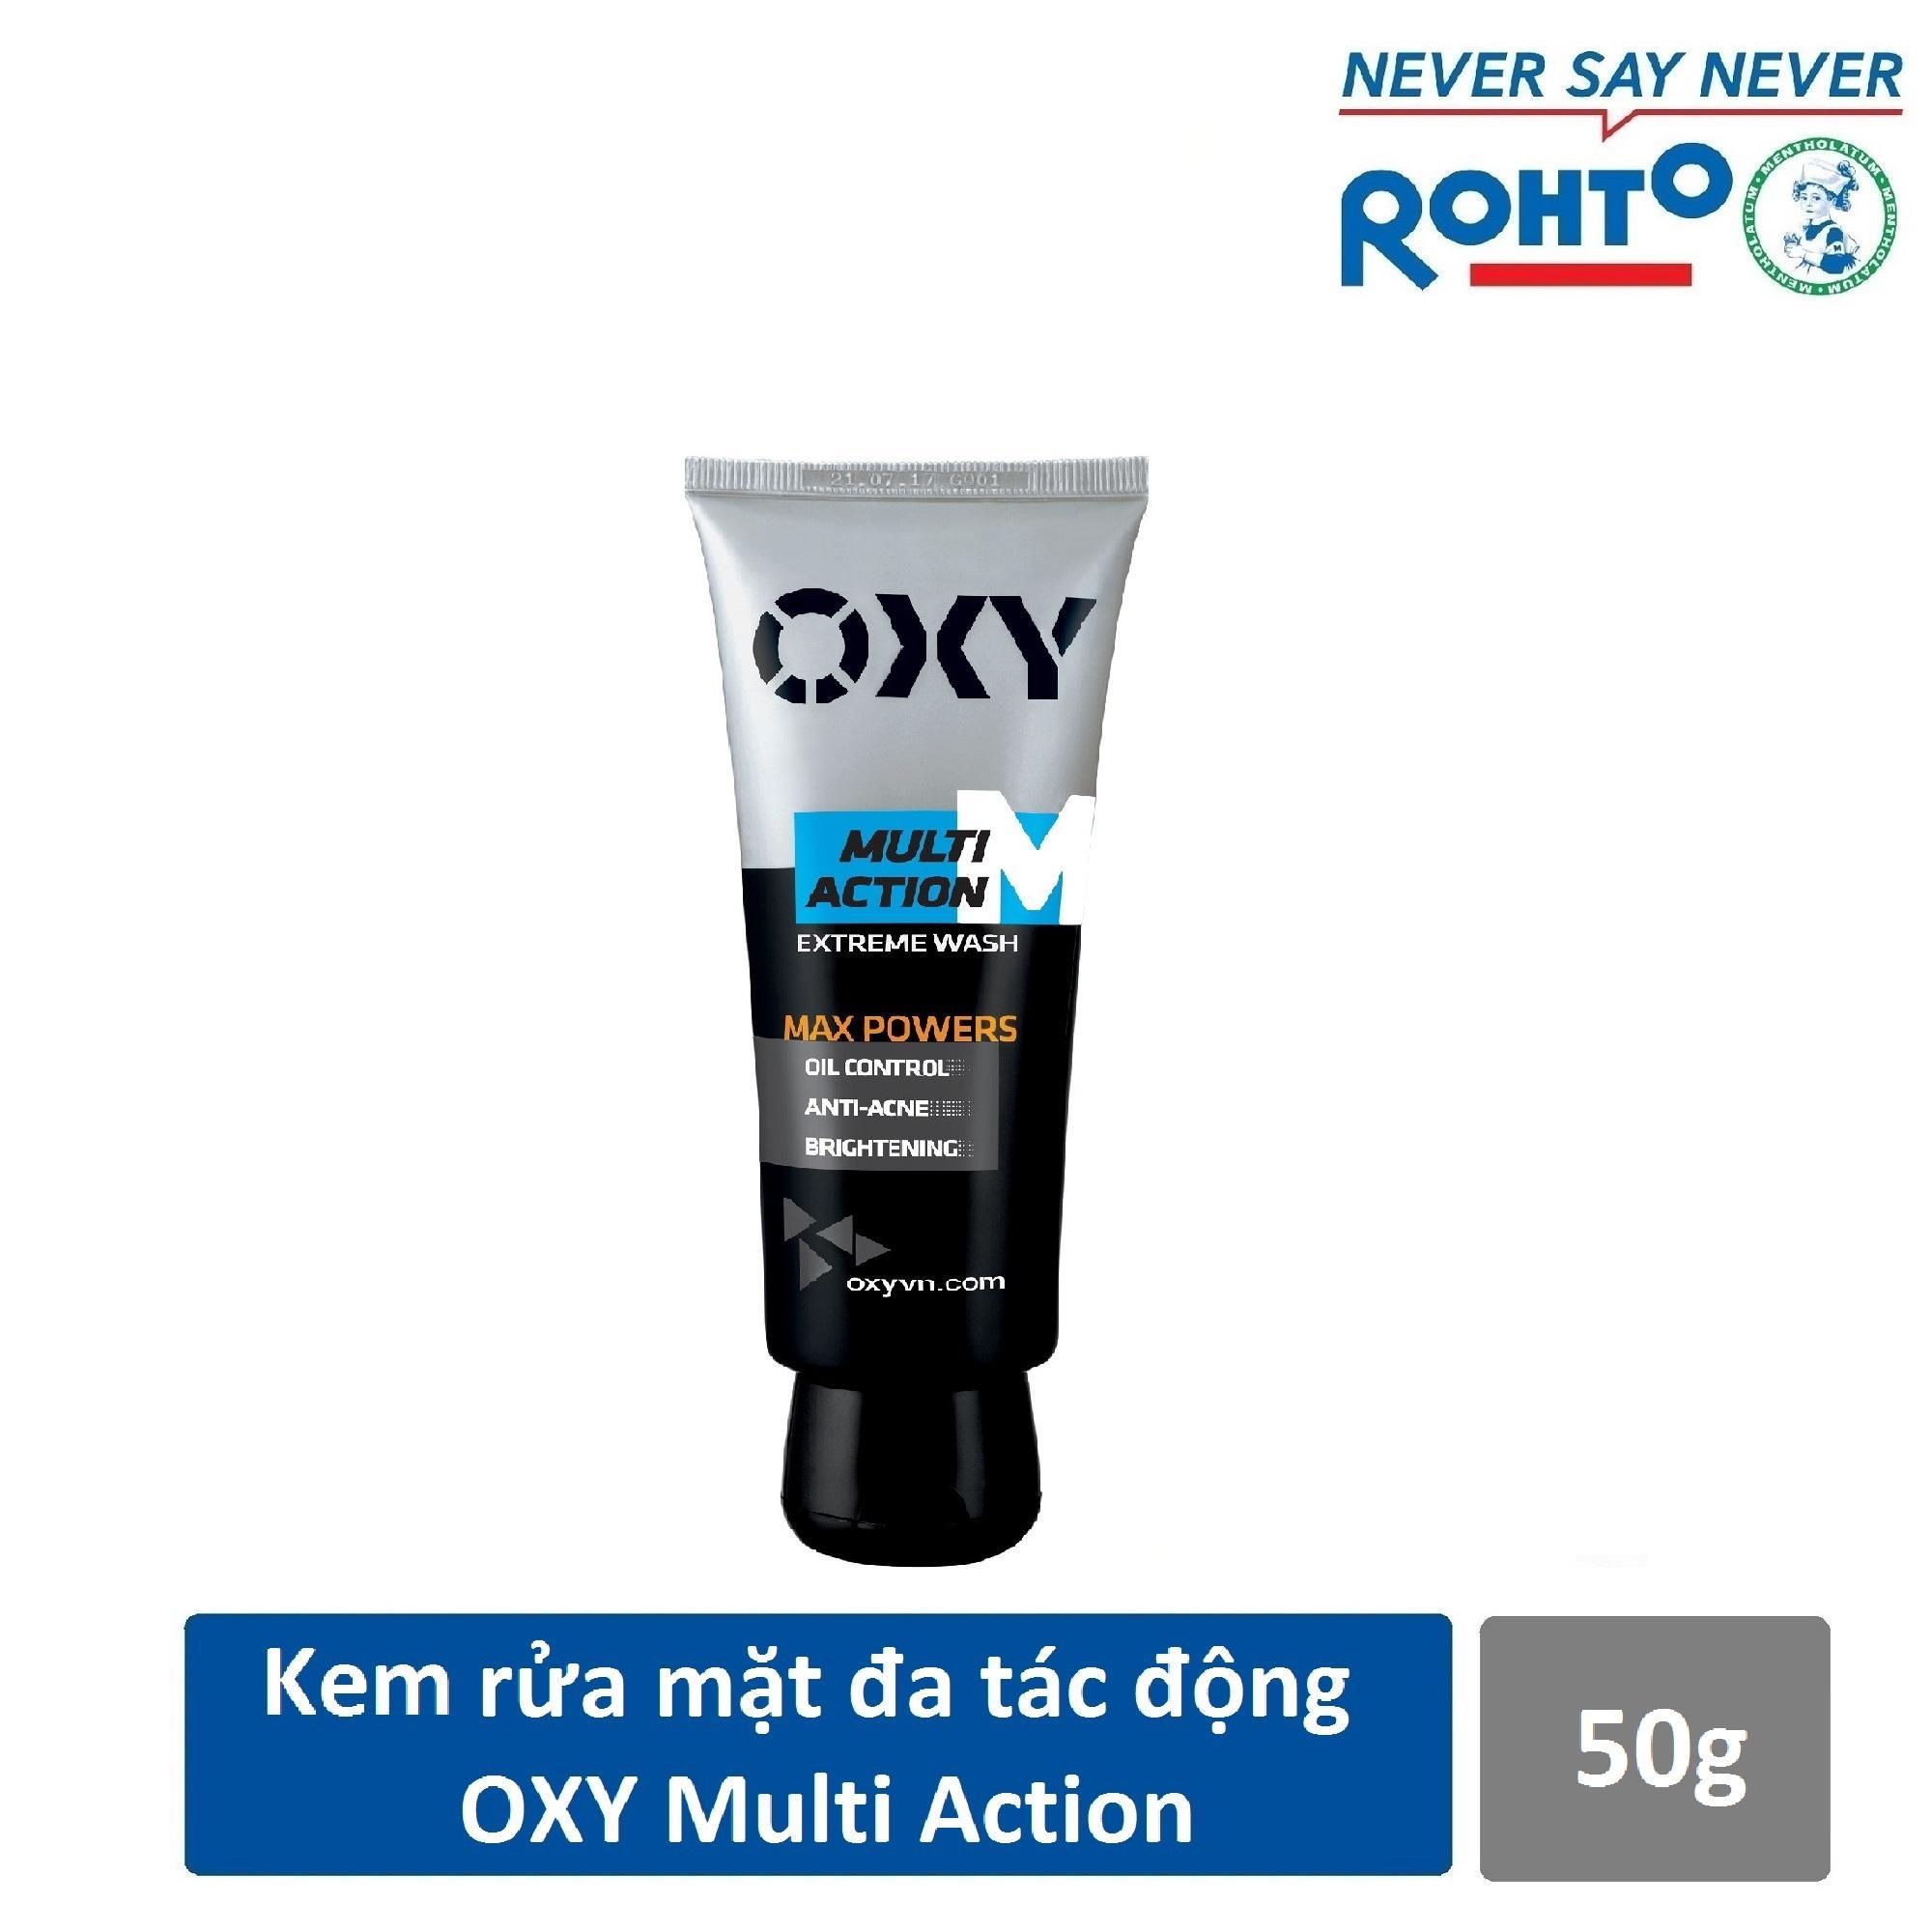 [QUÀ TẶNG] Kem rửa mặt đa tác động cho Nam Oxy Multi Action 50g tốt nhất